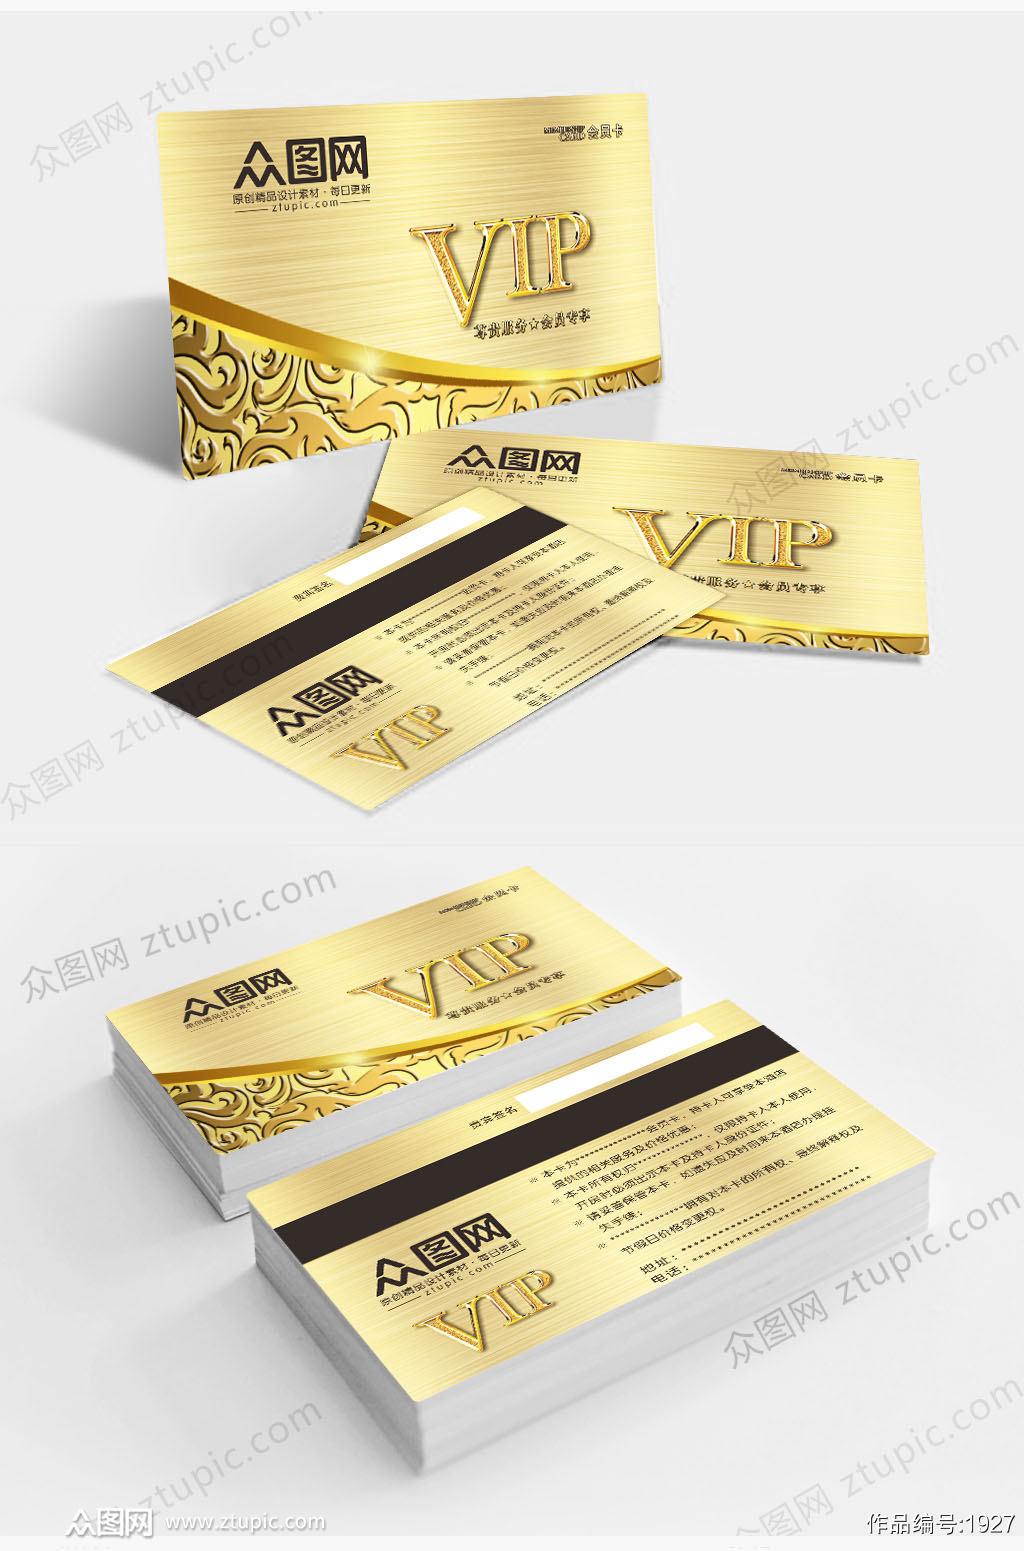 金色时尚大气的美容会员卡设计素材